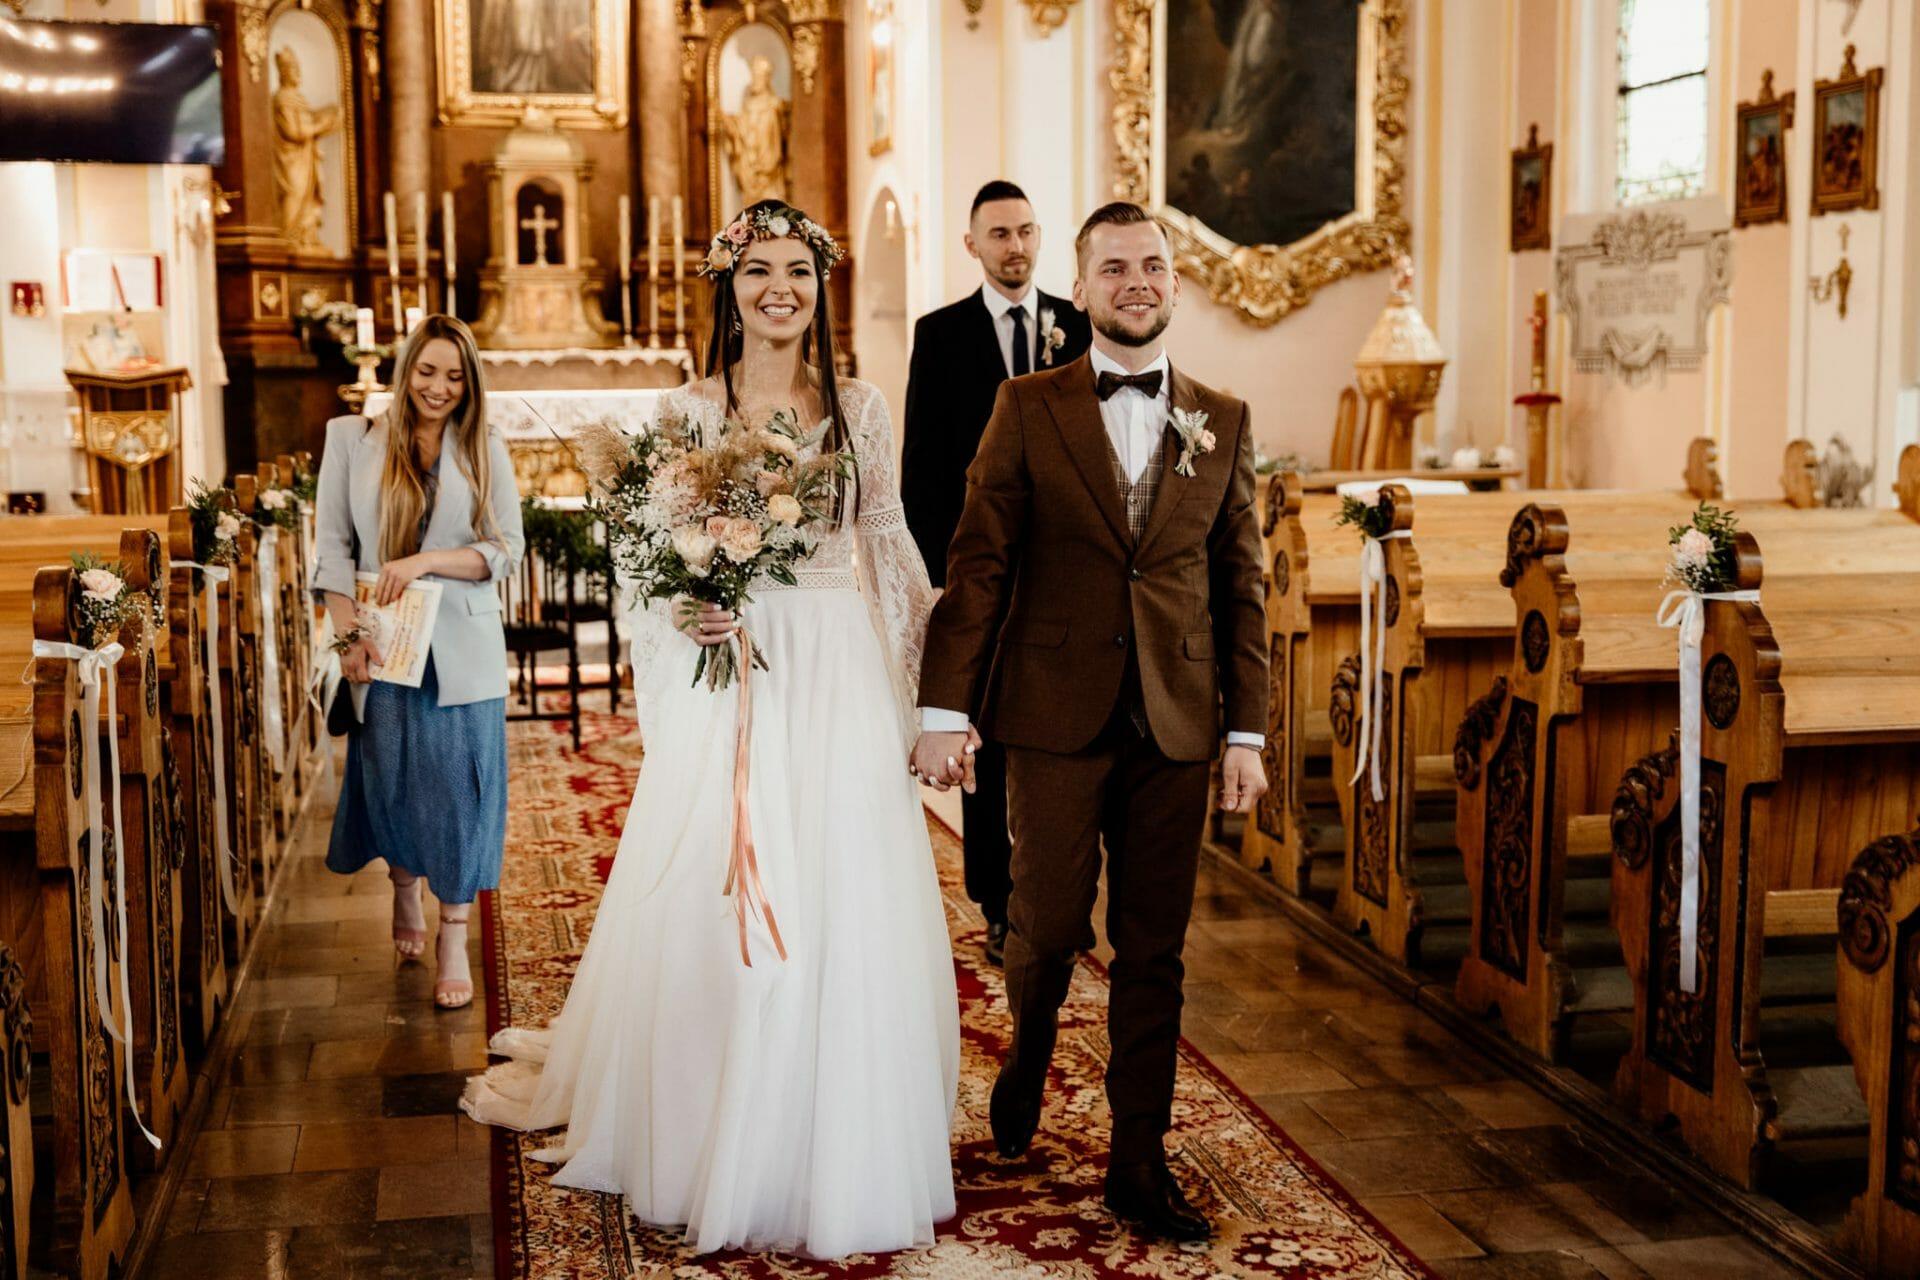 Parafia św. Mikołaja Witkowo ślub